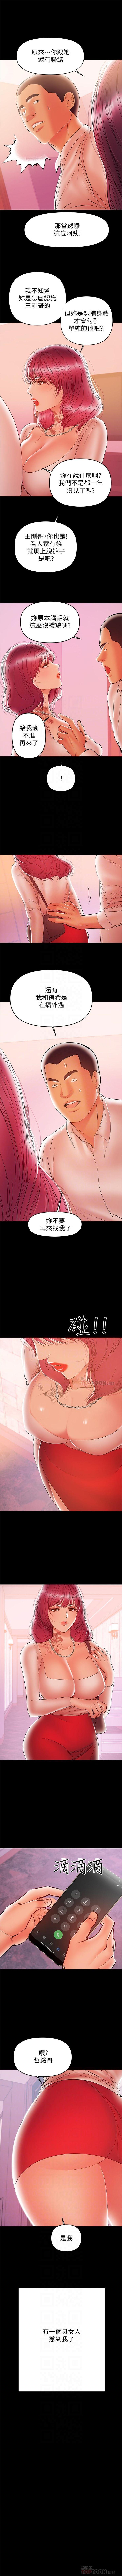 (週6)兼職奶媽 1-31 中文翻譯 (更新中) 150